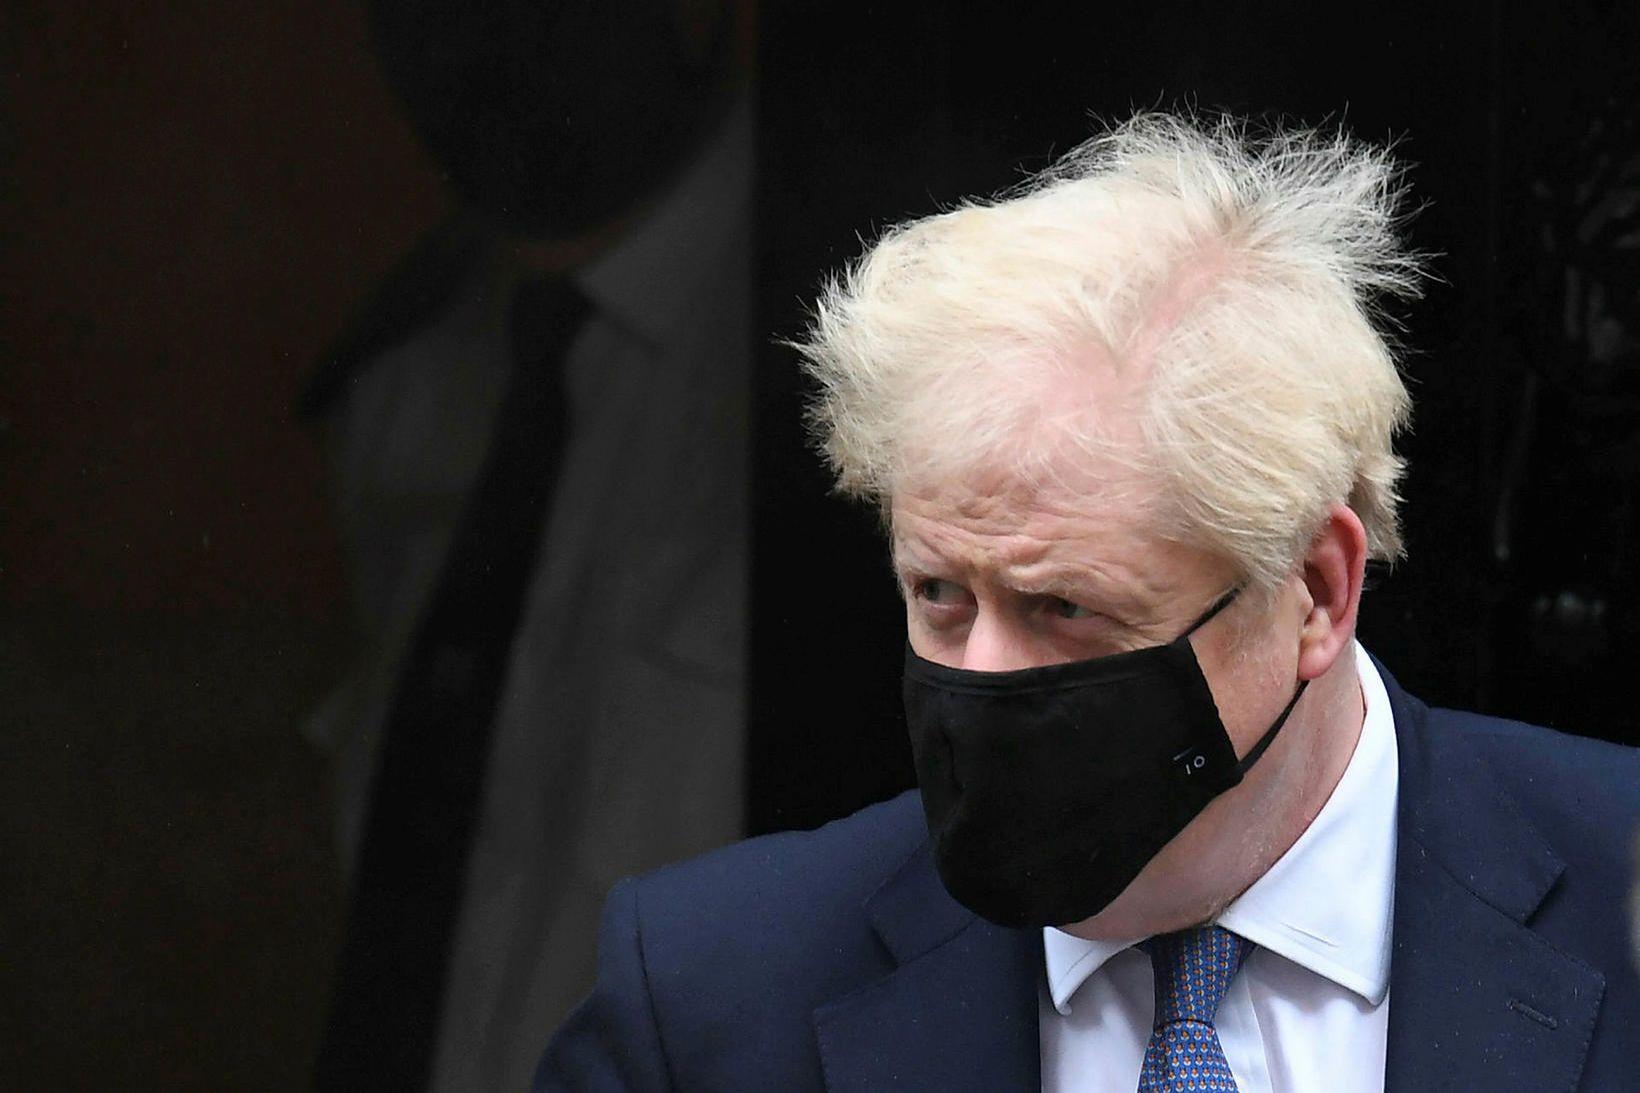 Boris Johnson, forsætisráðherra Bretlands, grímuklæddur.